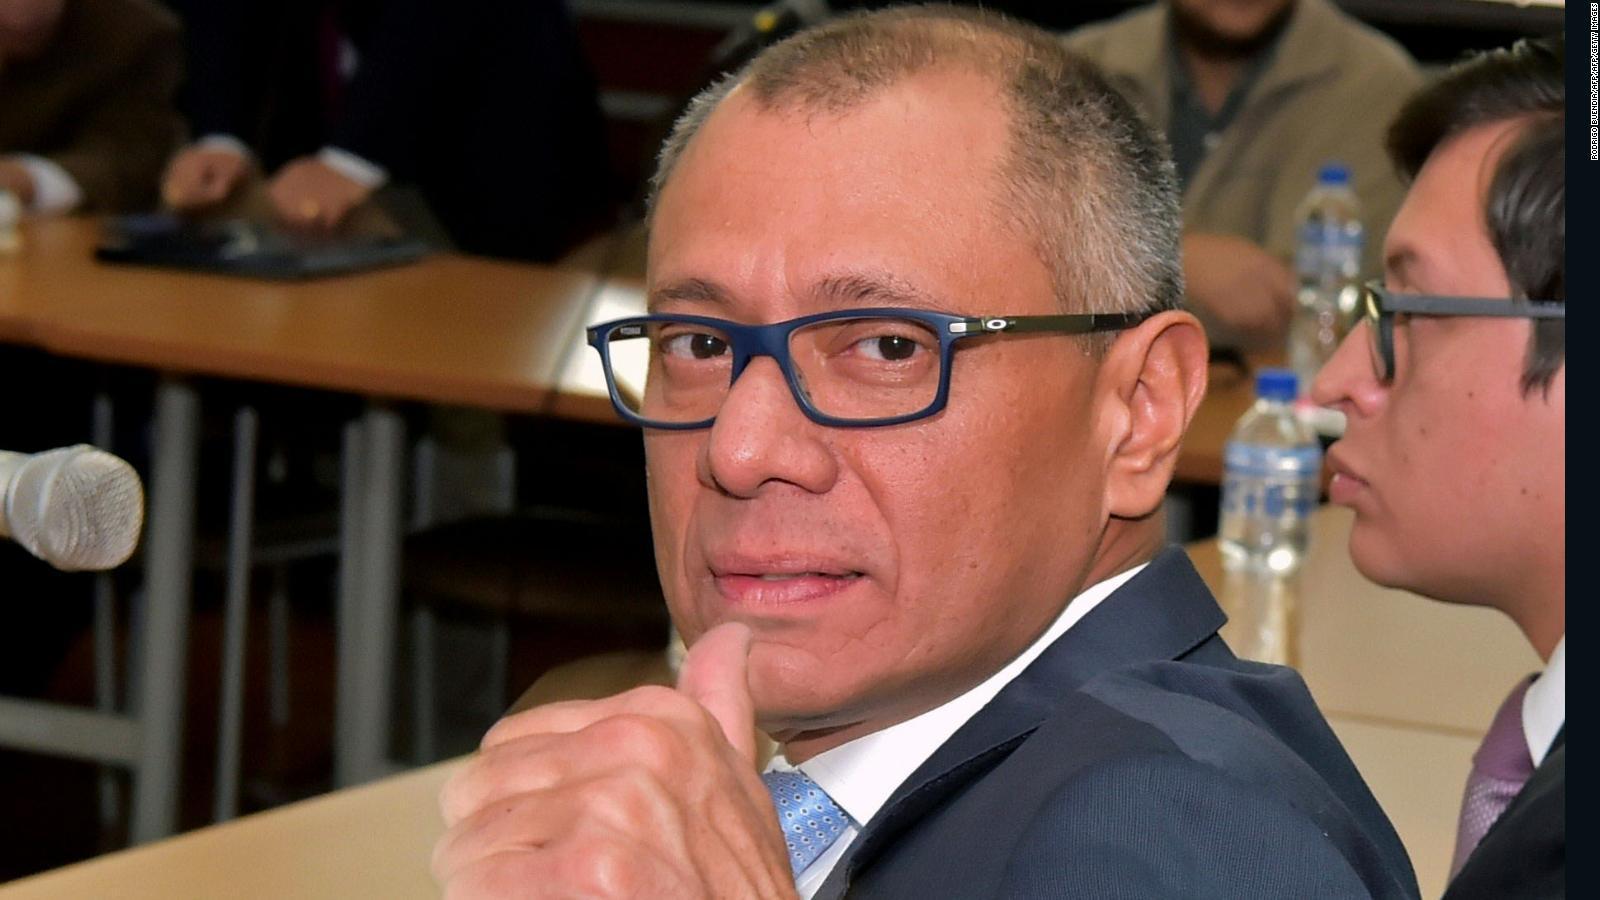 Sentencian a 6 años de prisión al vicepresidente suspendido de Ecuador Jorge Glas https://t.co/NUgBJrTgfZ https://t.co/eIo3Hi12a7